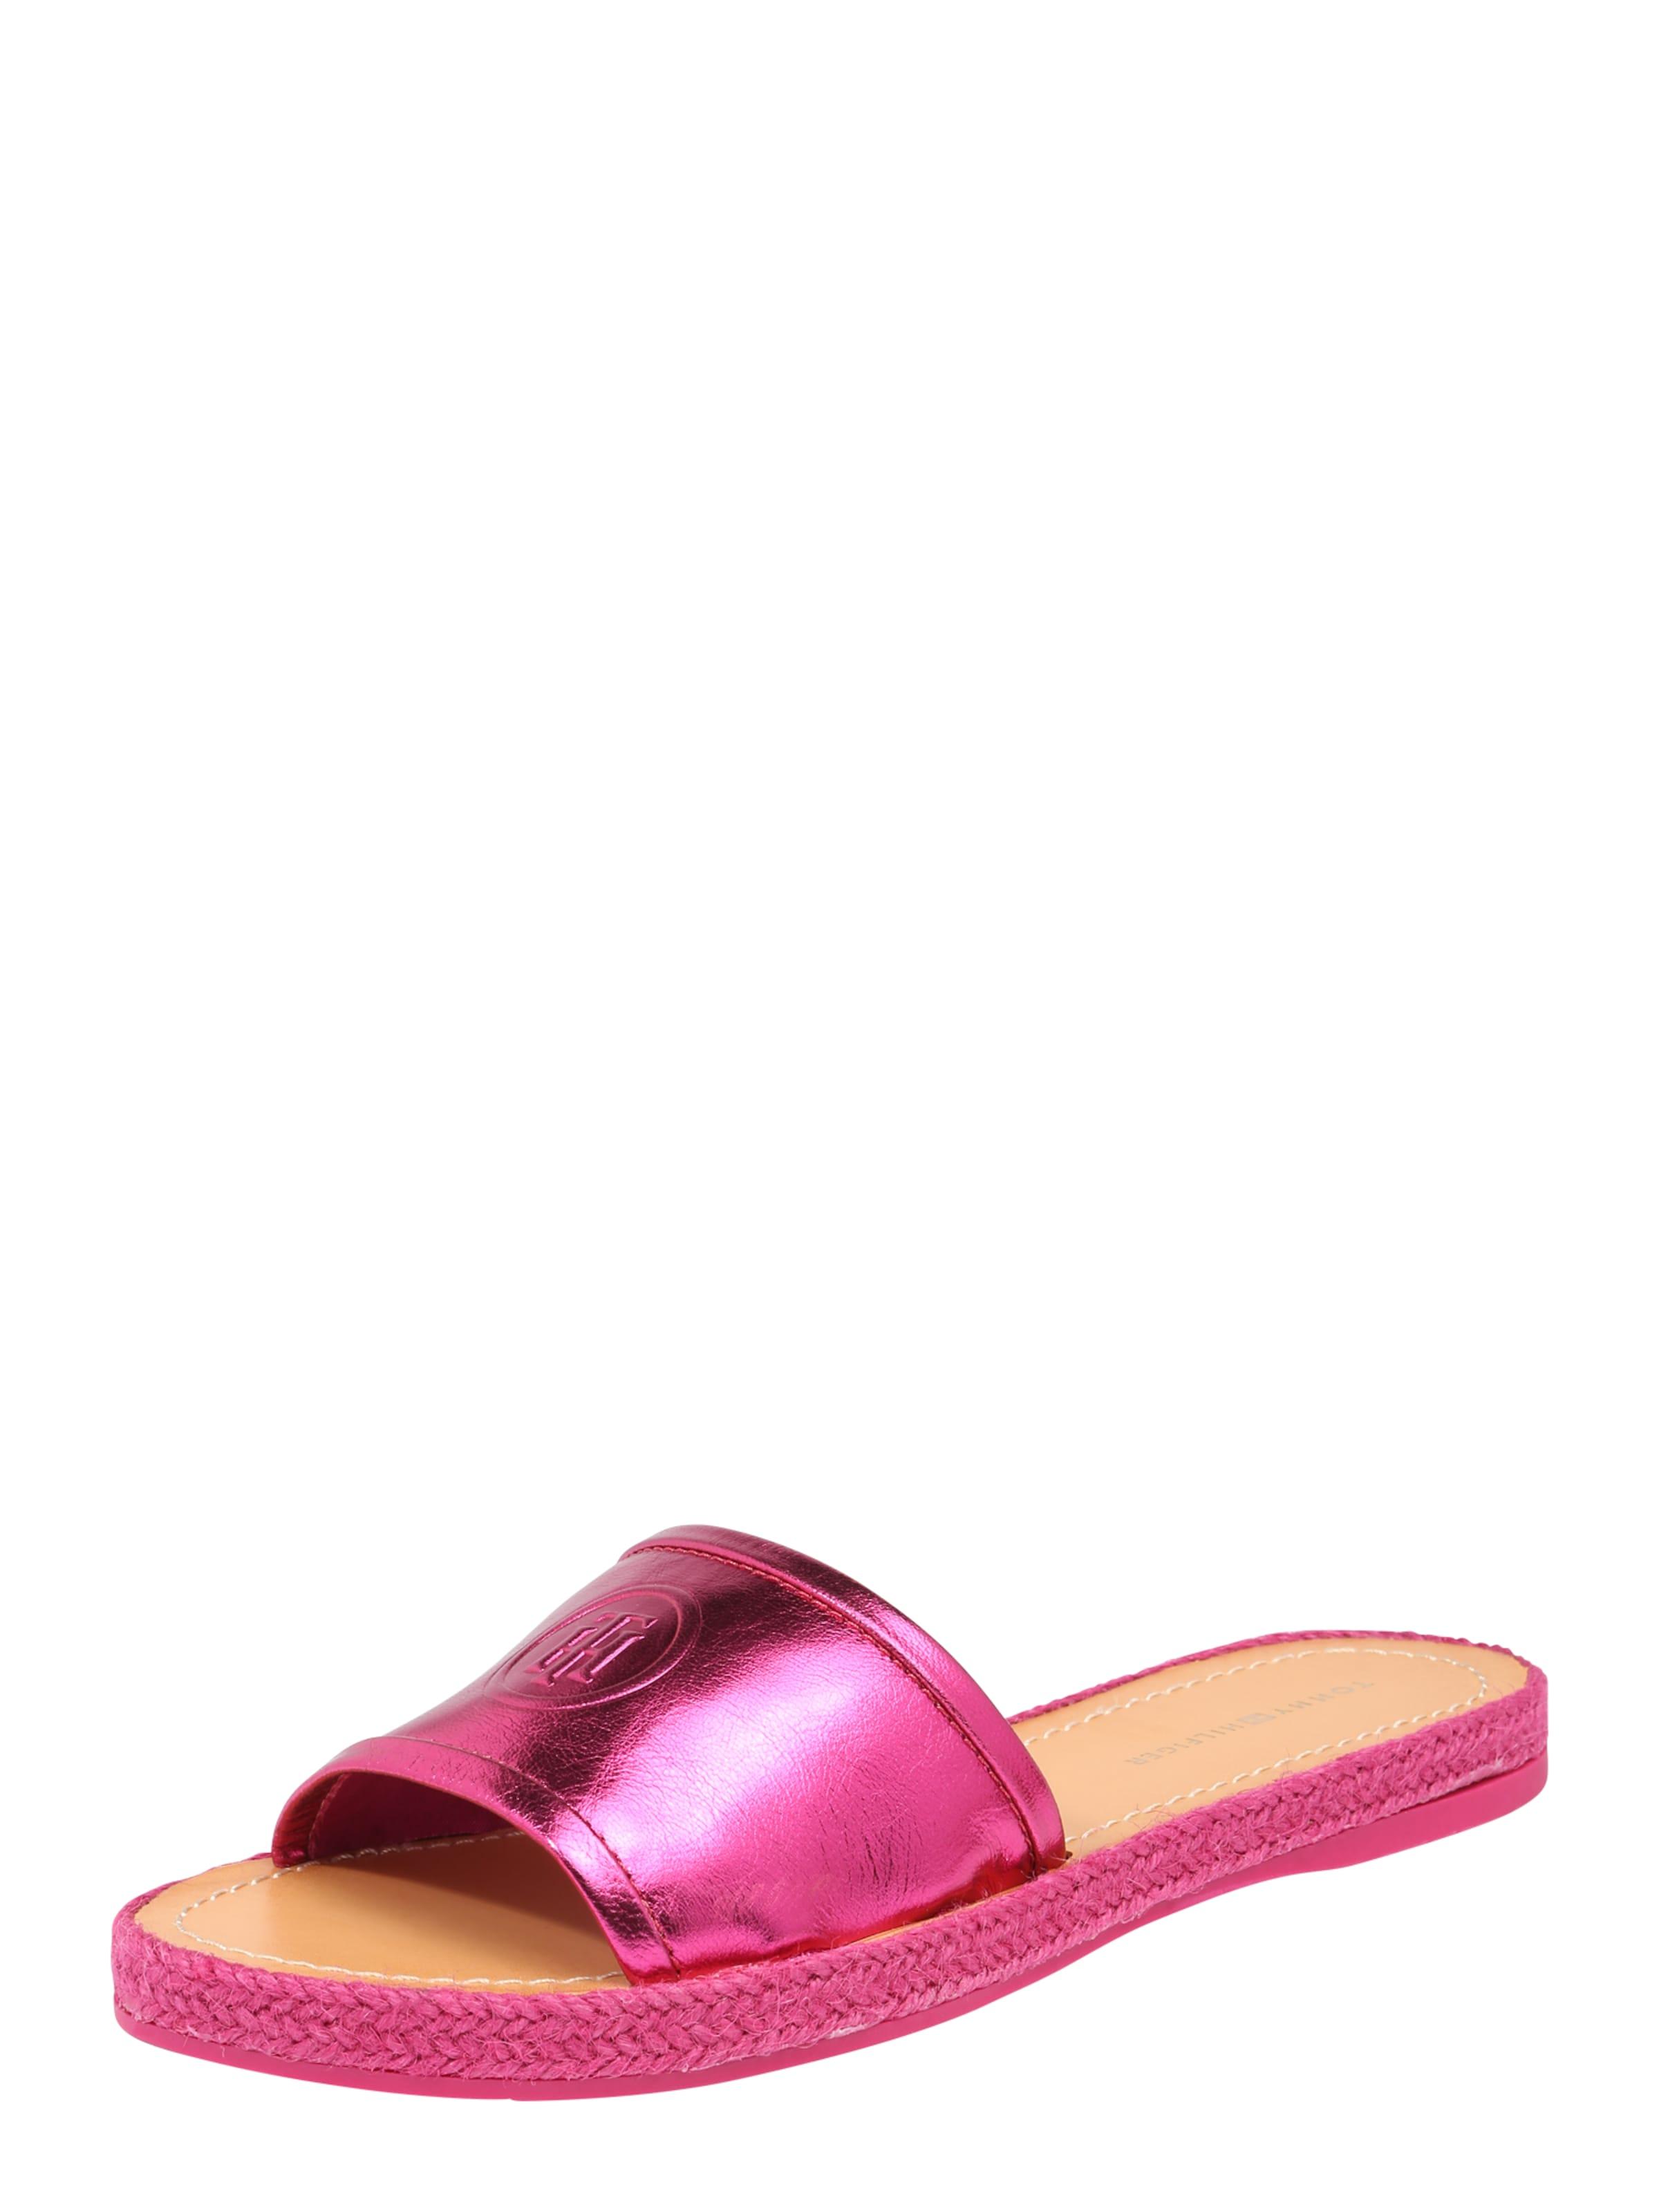 TOMMY HILFIGER Pantolette Joyce Verschleißfeste billige Schuhe